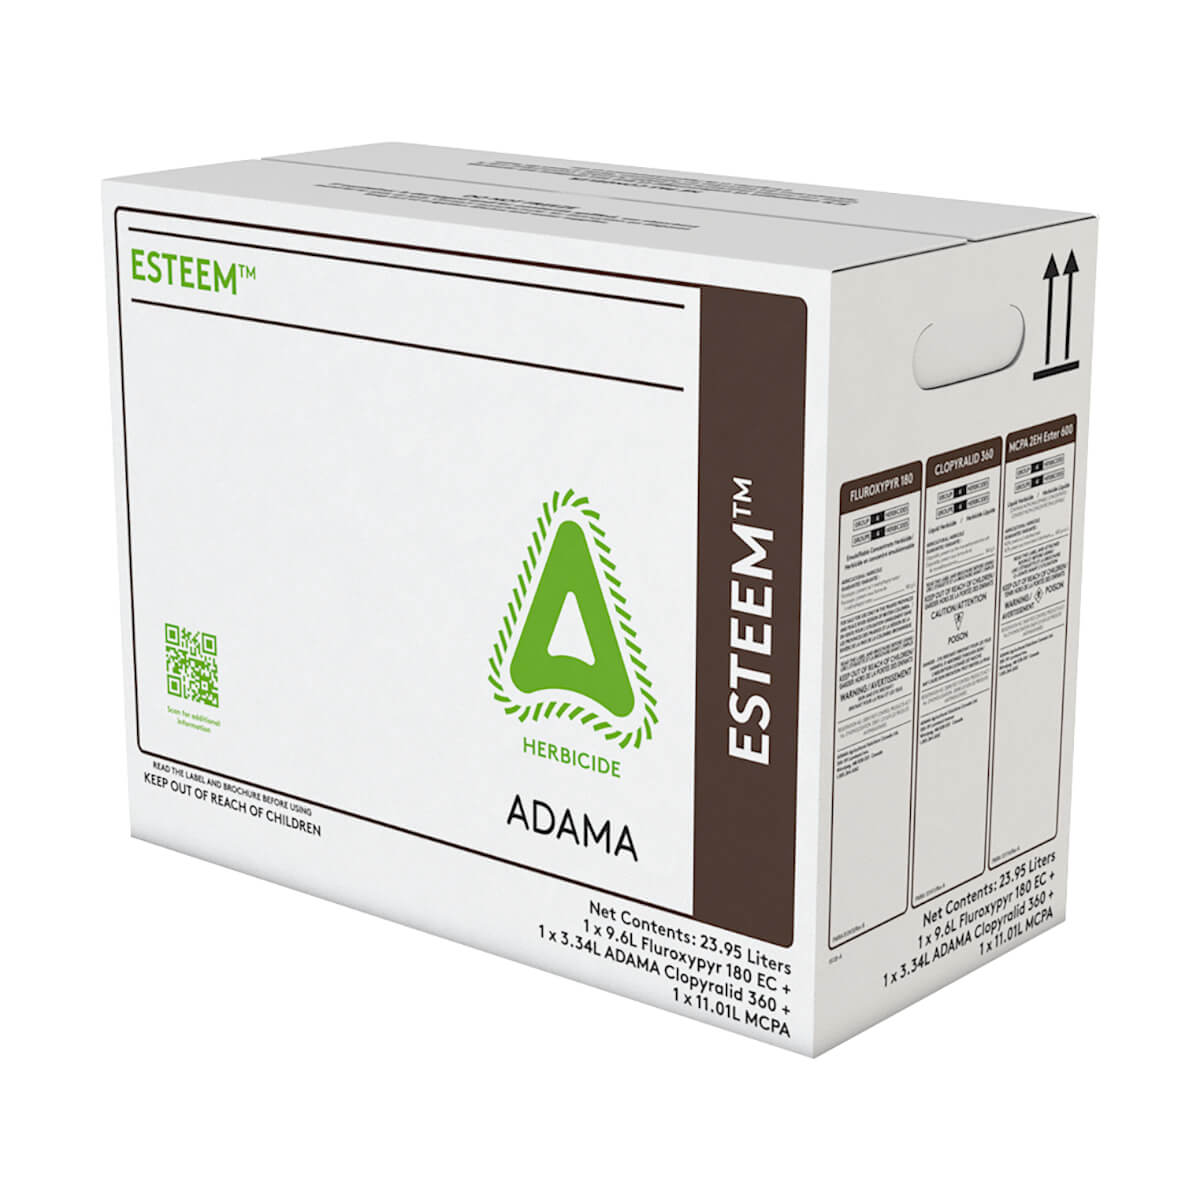 ESTEEM - 9.6L + 11.01L + 3.34L Case